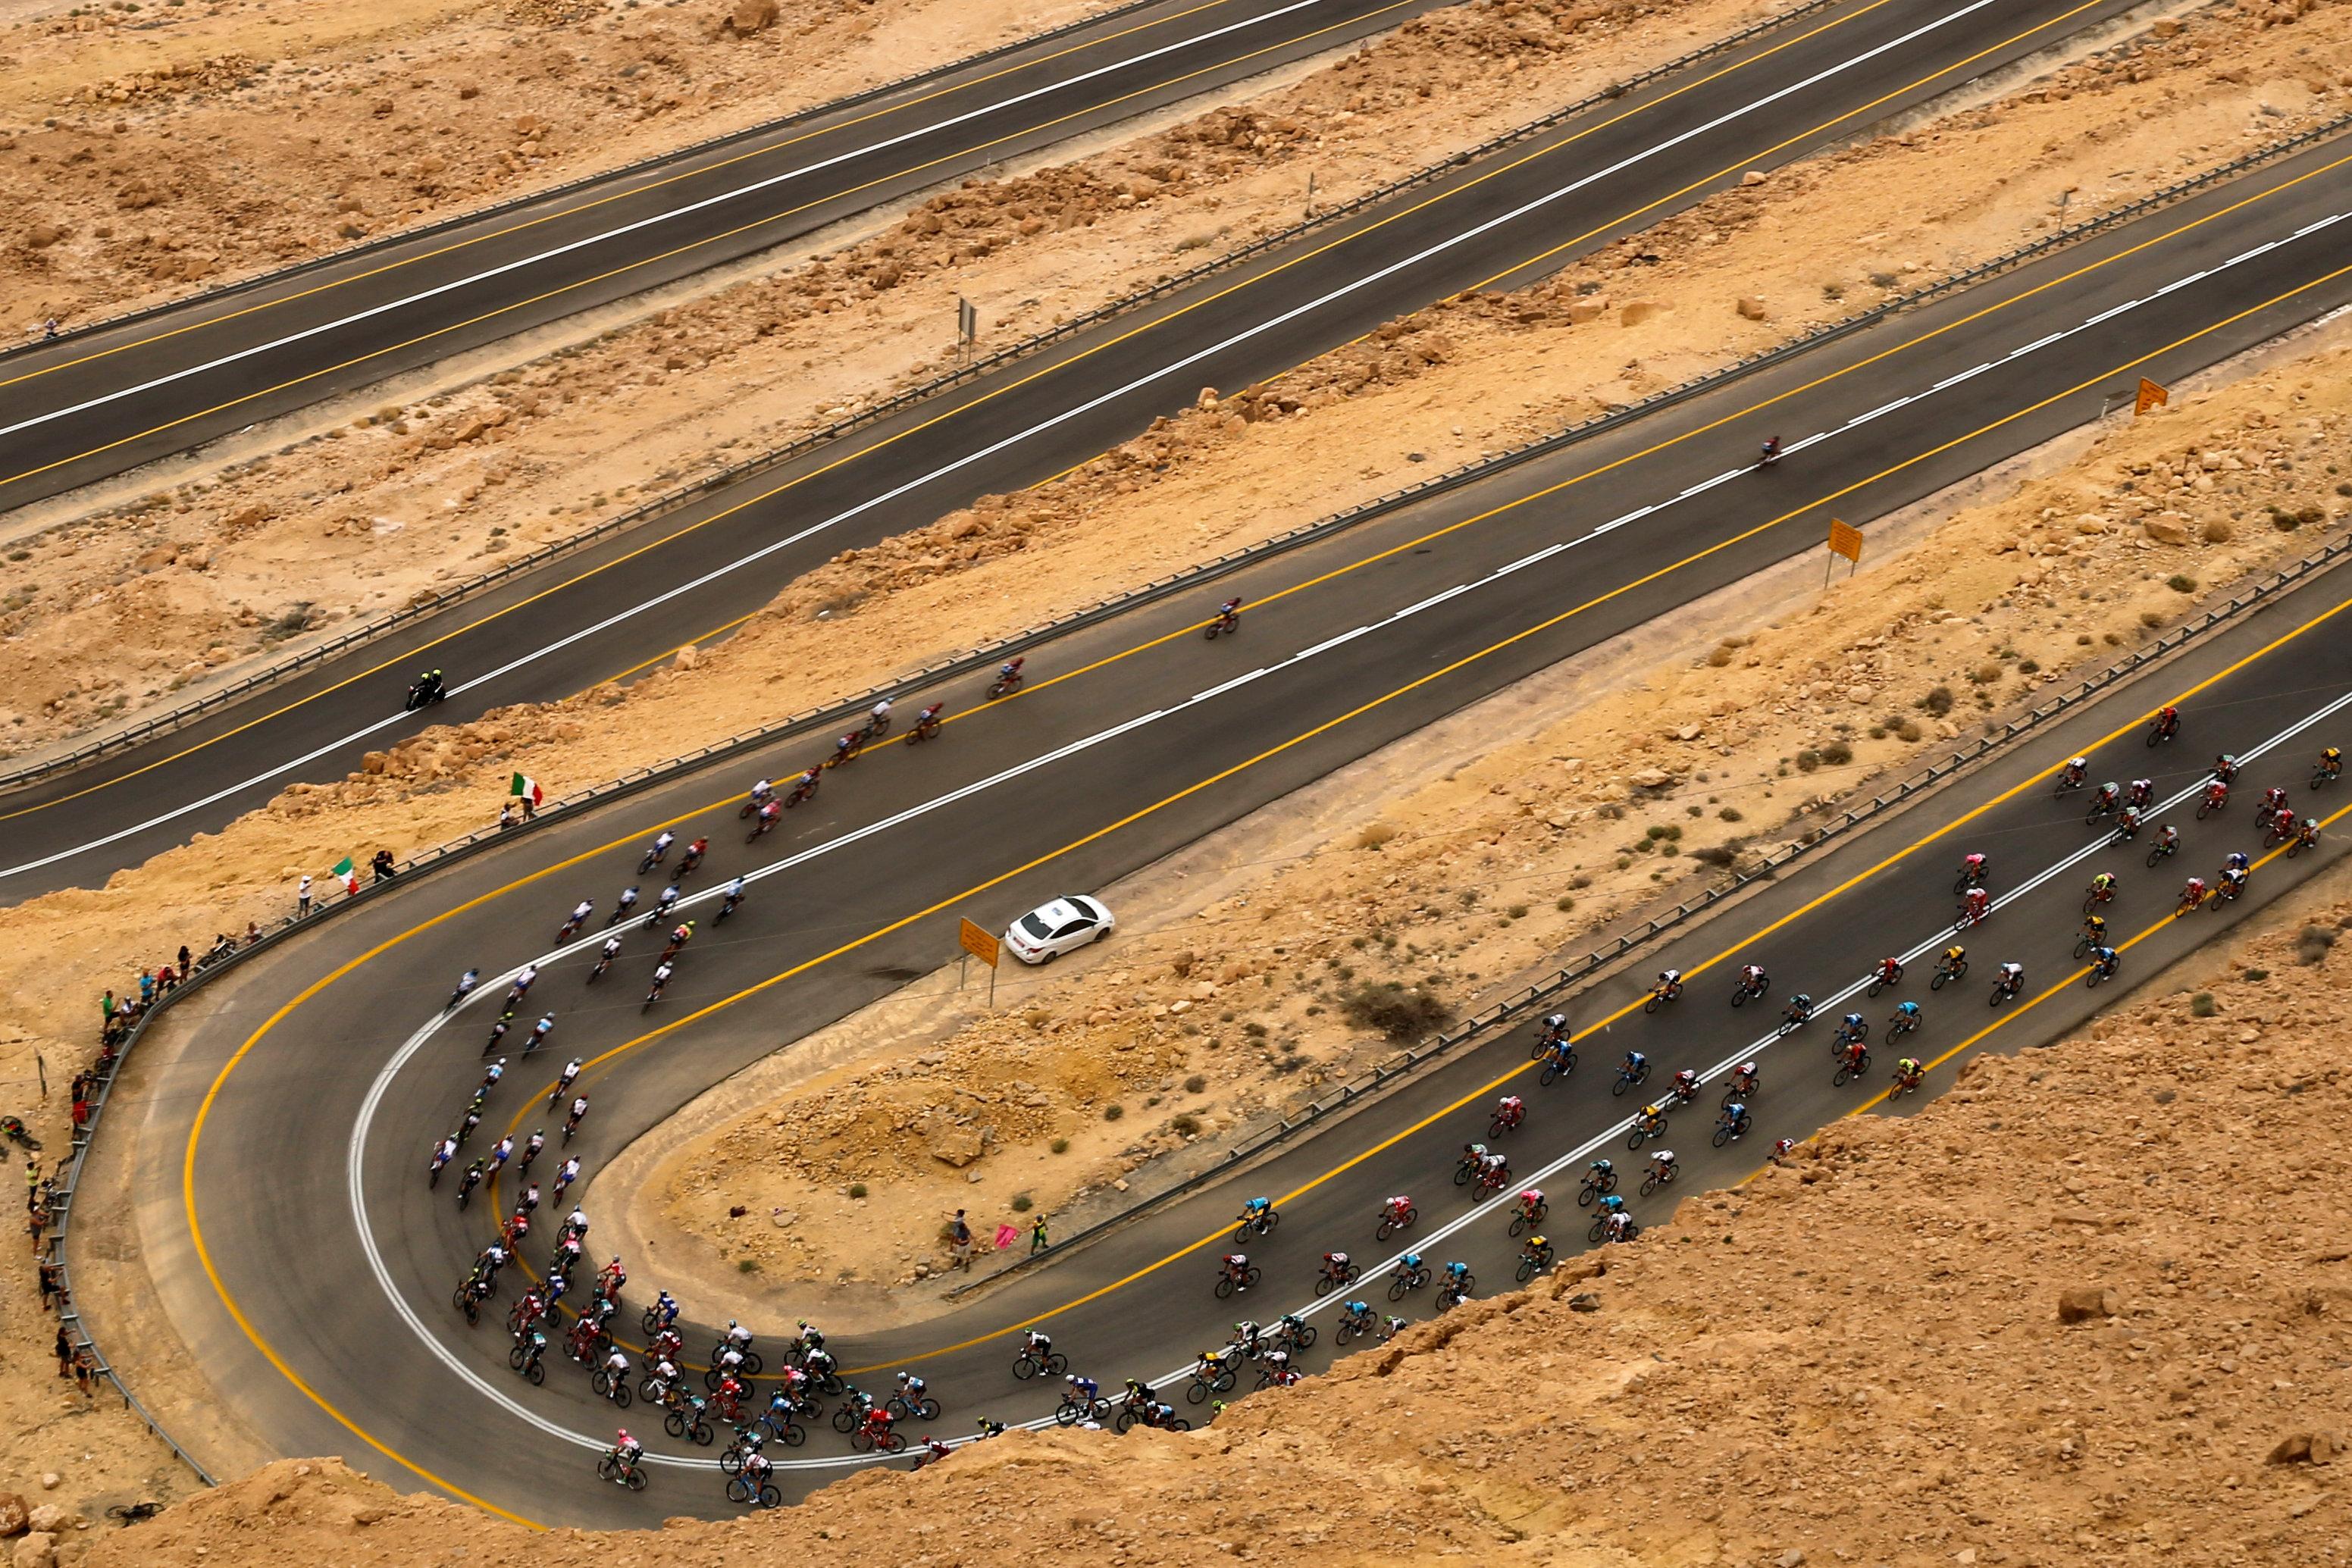 El pelotón cerca deMitzpe Ramon. (REUTERS/Amir Cohen)